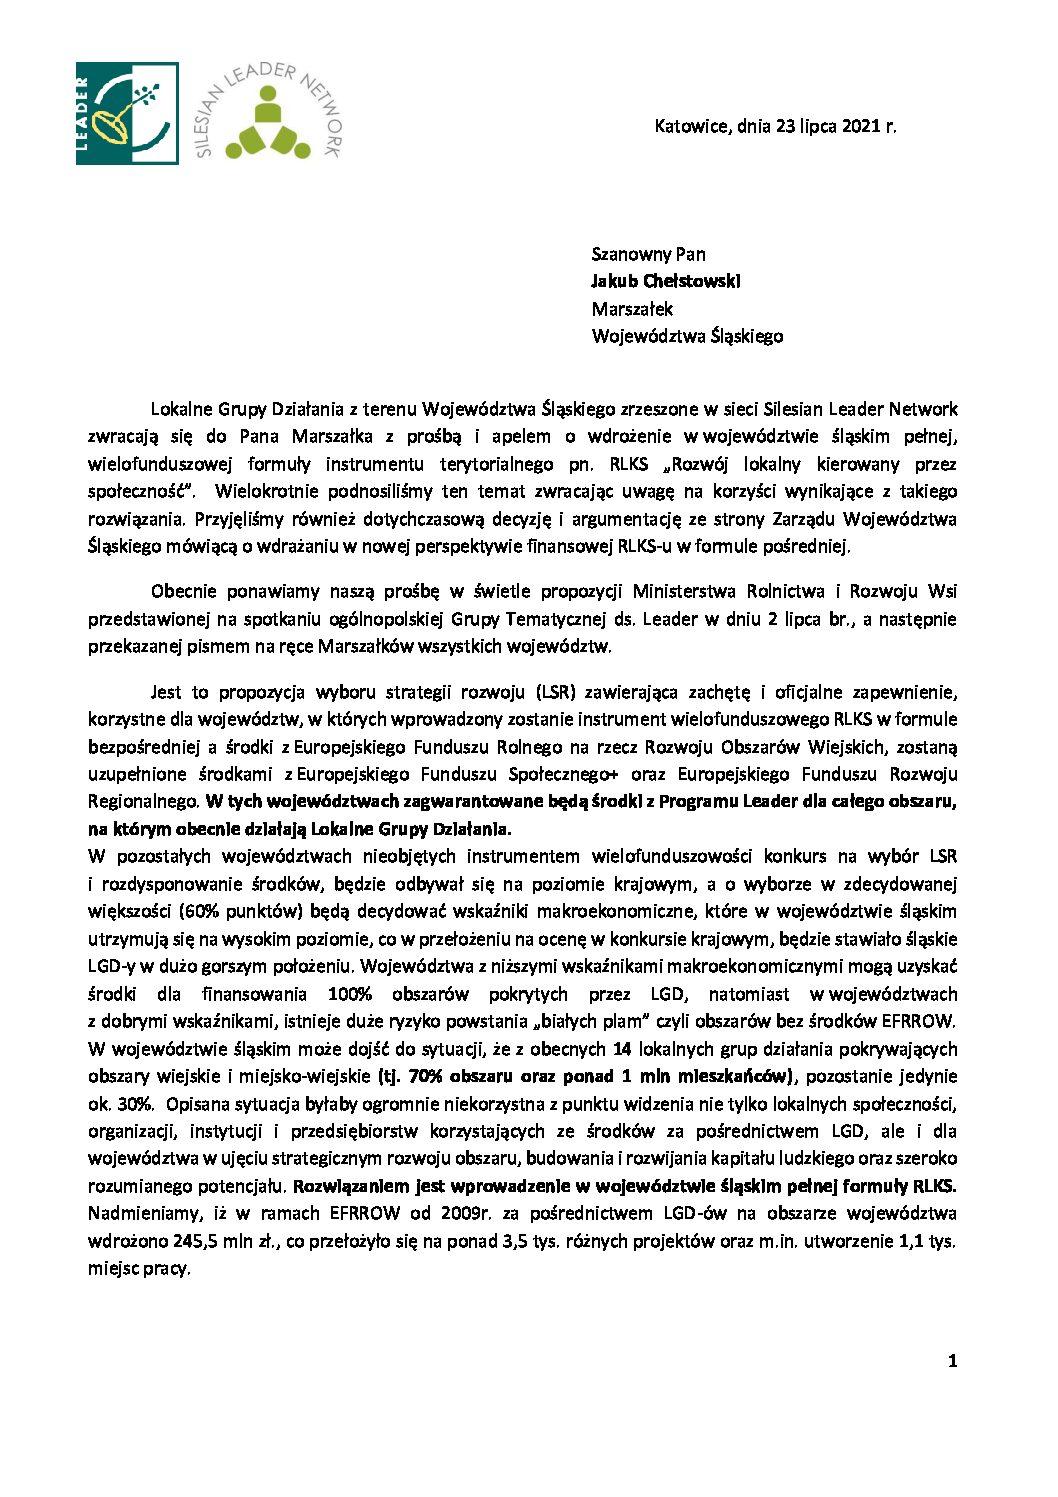 """RLKS """"Rozwój lokalny kierowany przezspołeczność"""" – prośba owsparcie"""